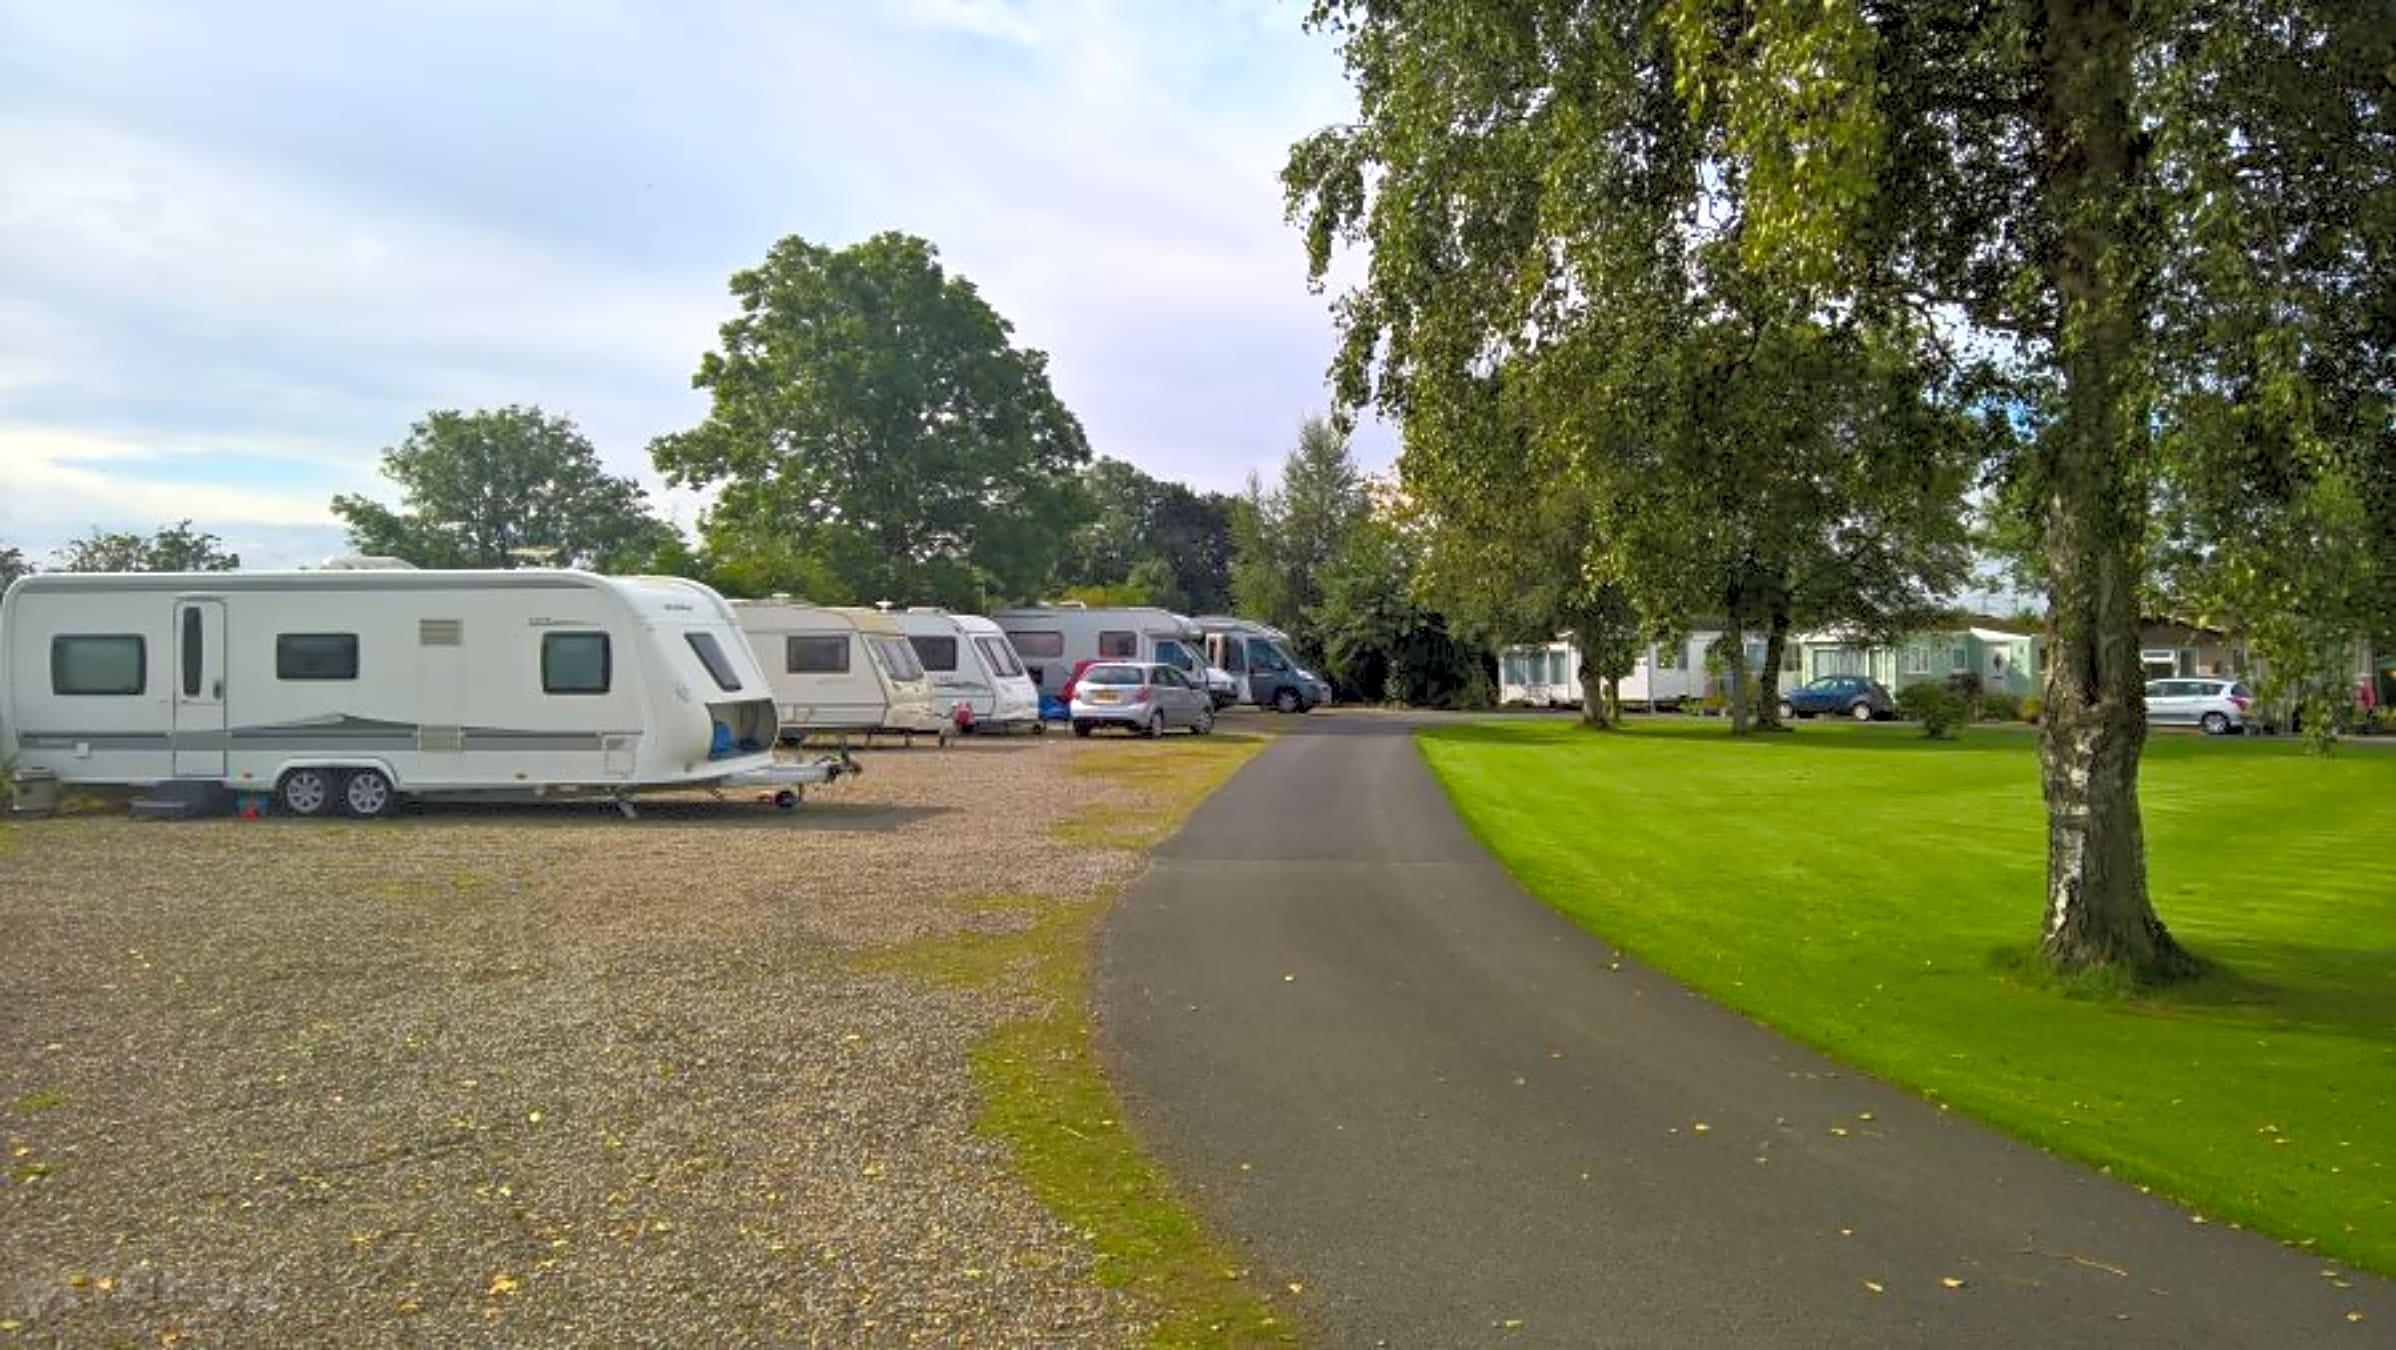 Murlough Cottage Caravan Park, Newcastle - Pitchup